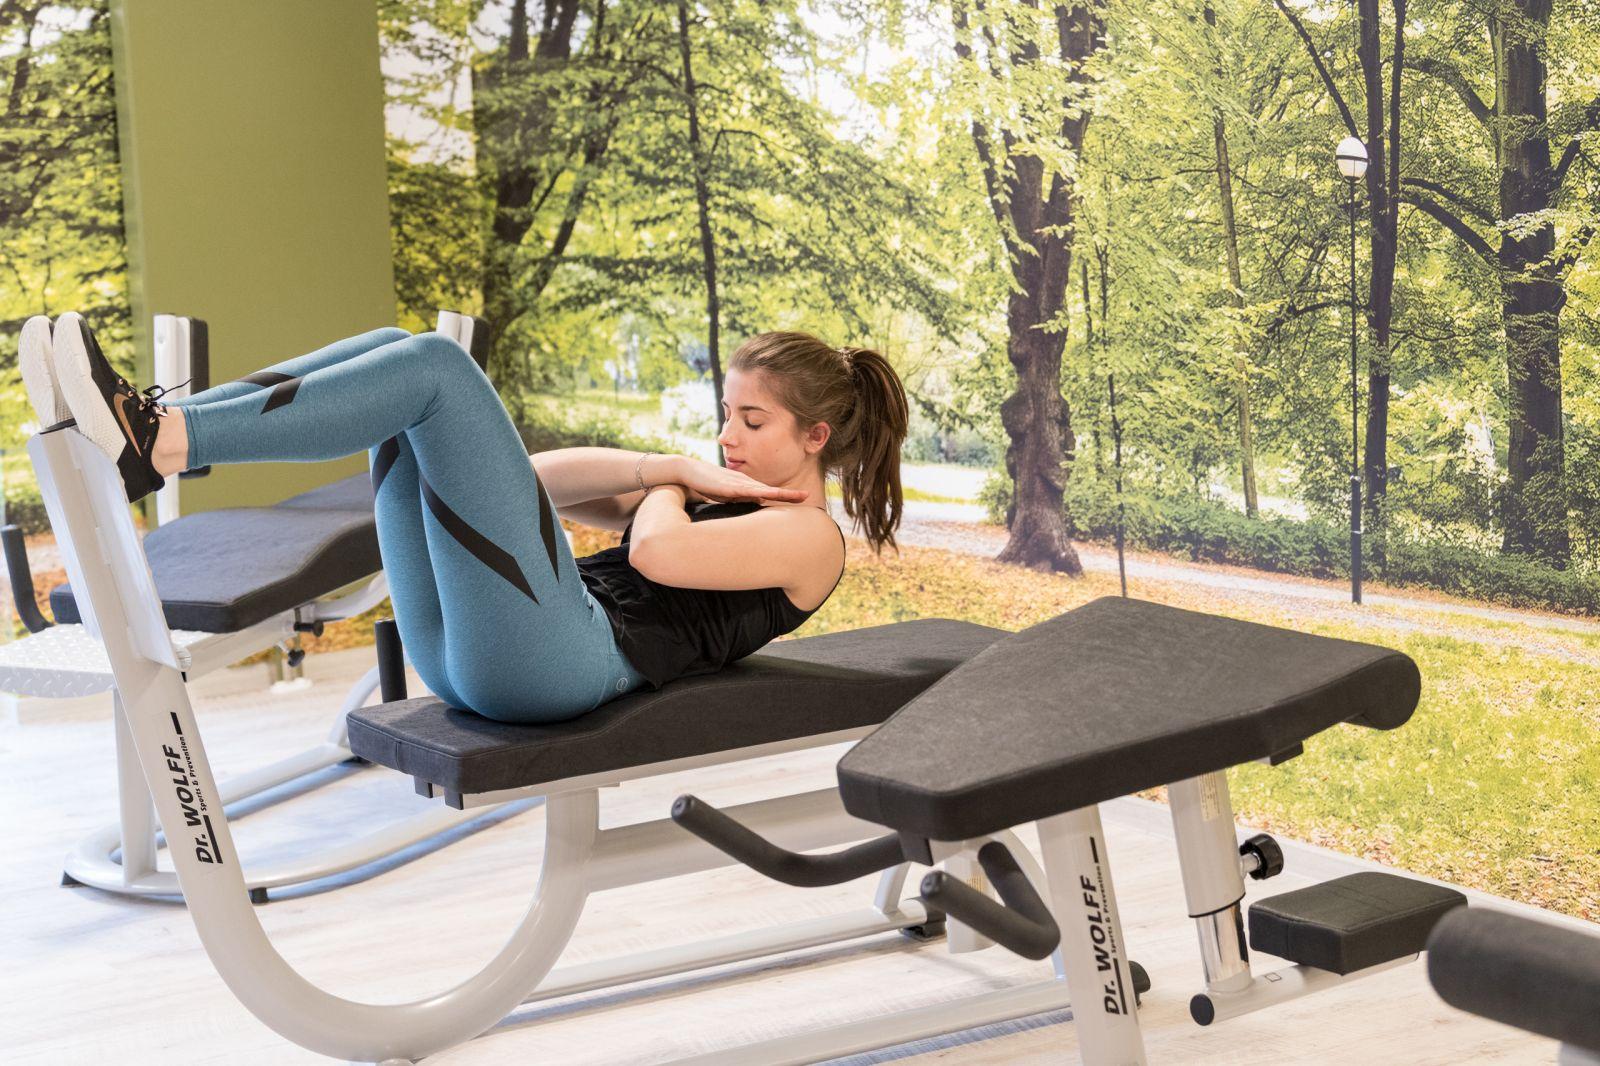 Fastenkur: Foto vom Wellnesshotel Menschels Vitalresort | Wellness Rheinland-Pfalz